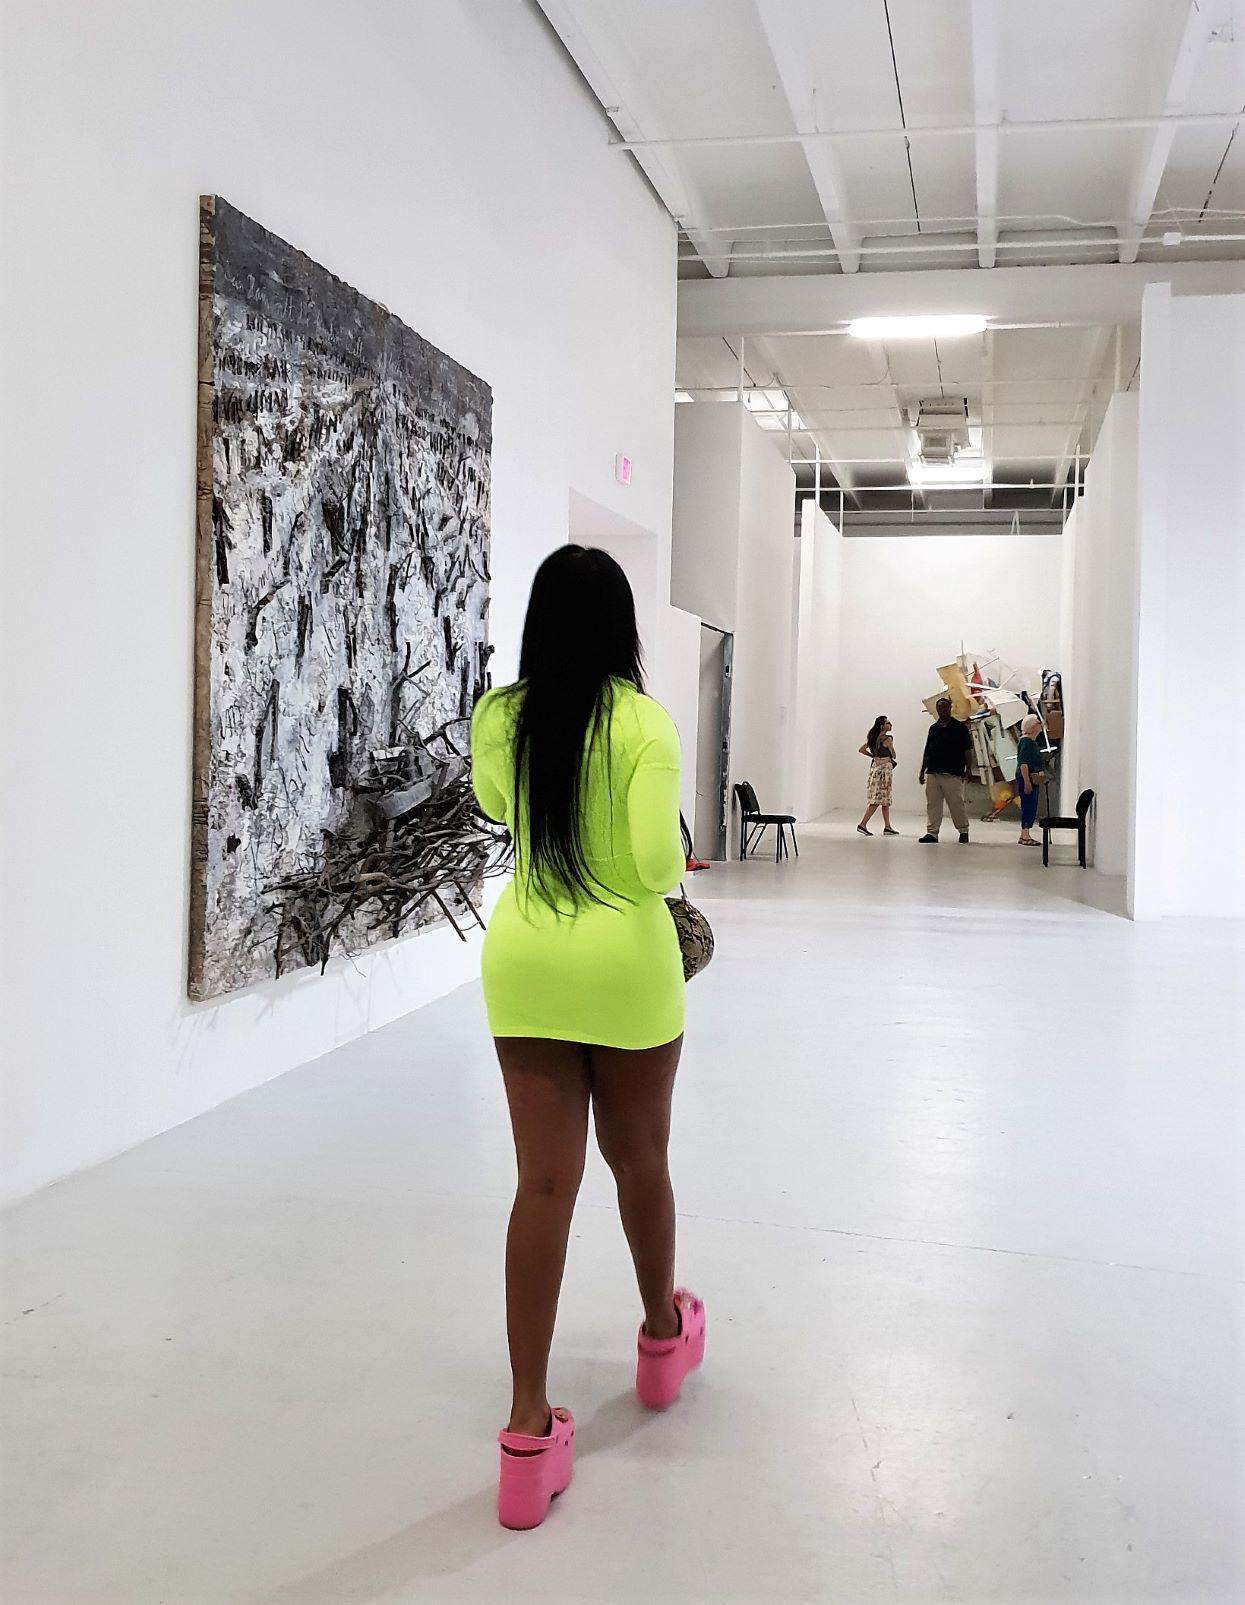 Outfit Miami Art Week 2018. I 10 personaggi mitologici che avreste potuto trovare in fiera